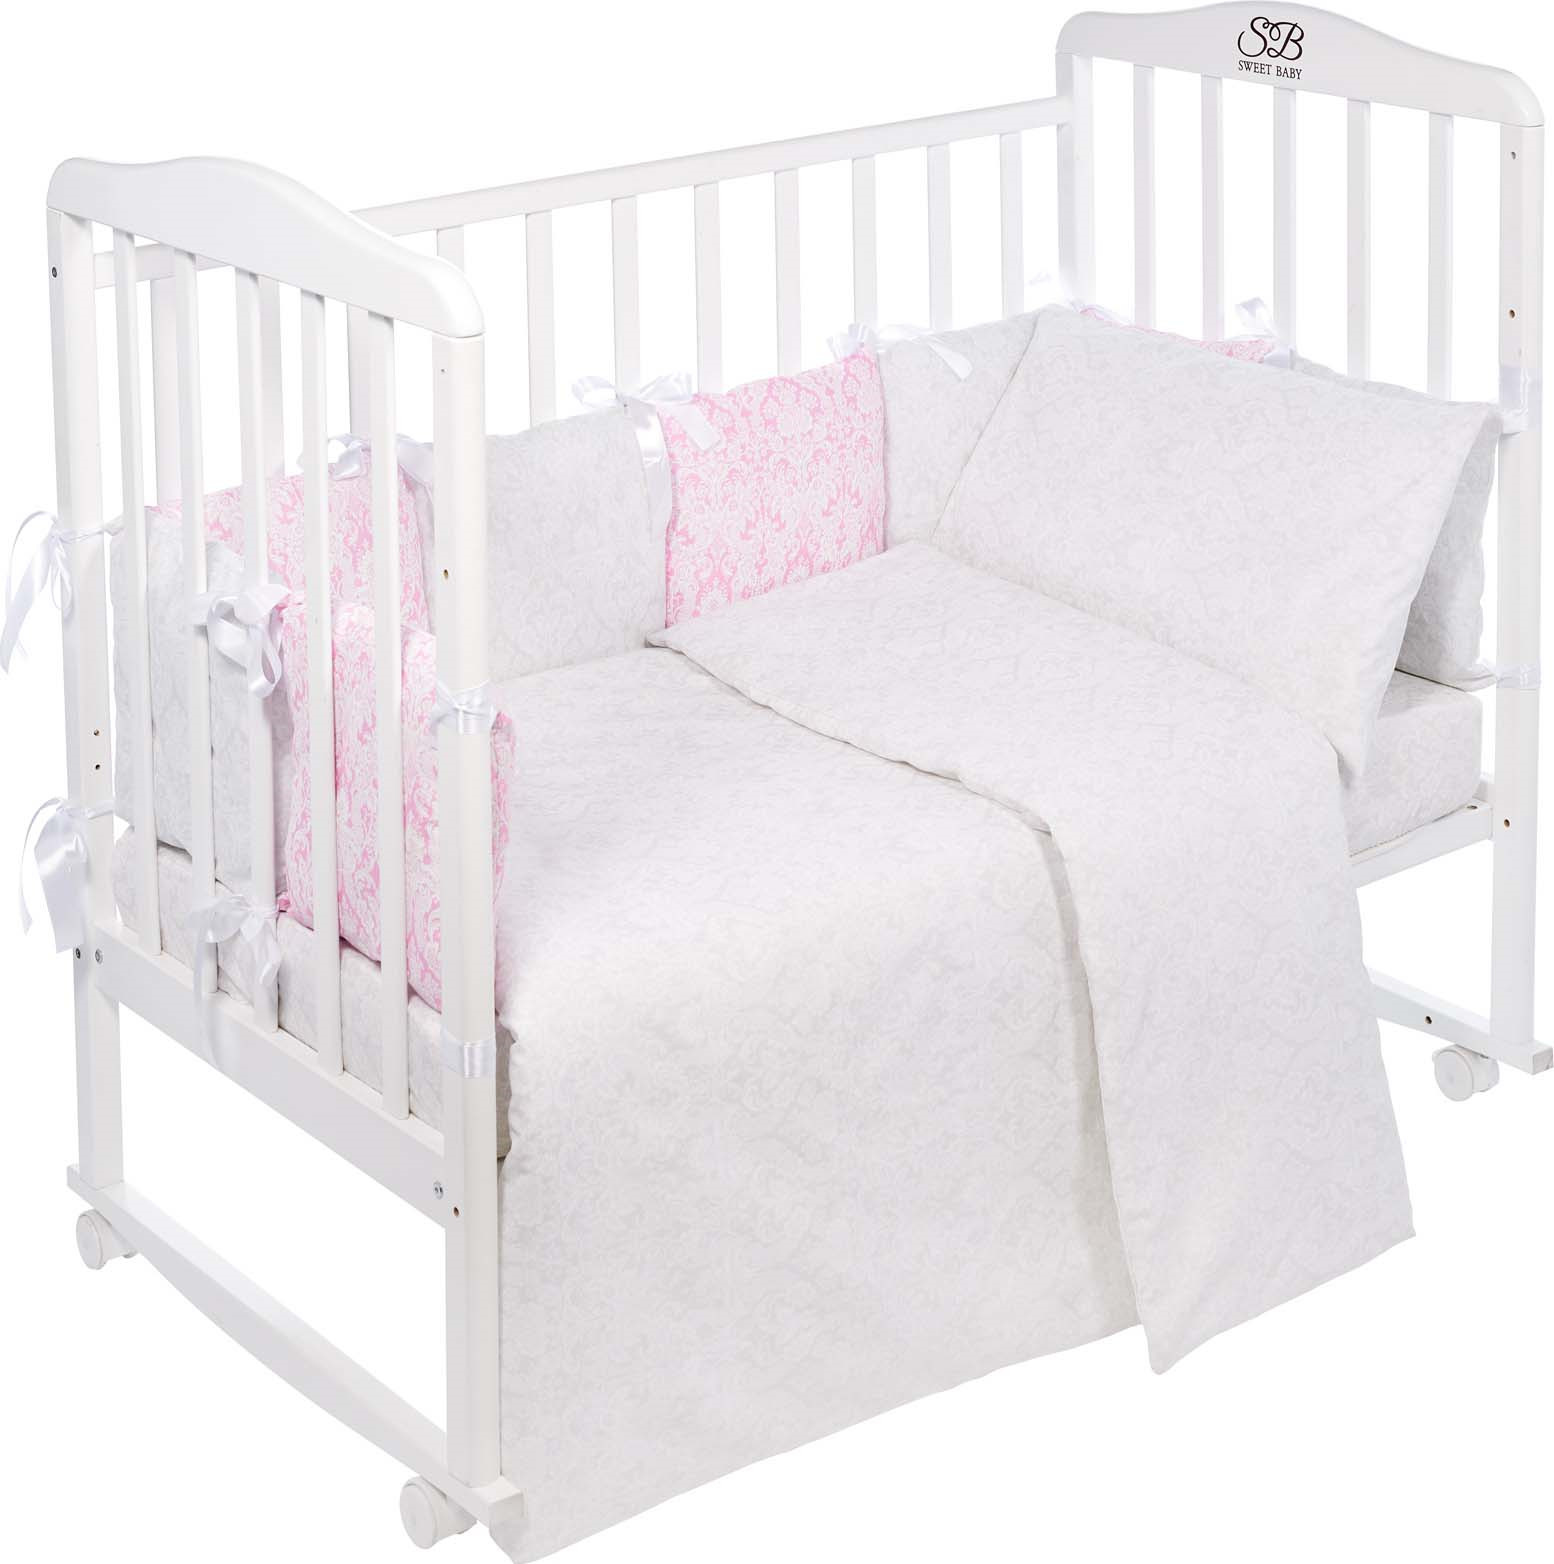 Комплект в кроватку Sweet Baby Agio, 419061, розовый, белый, 4 предмета